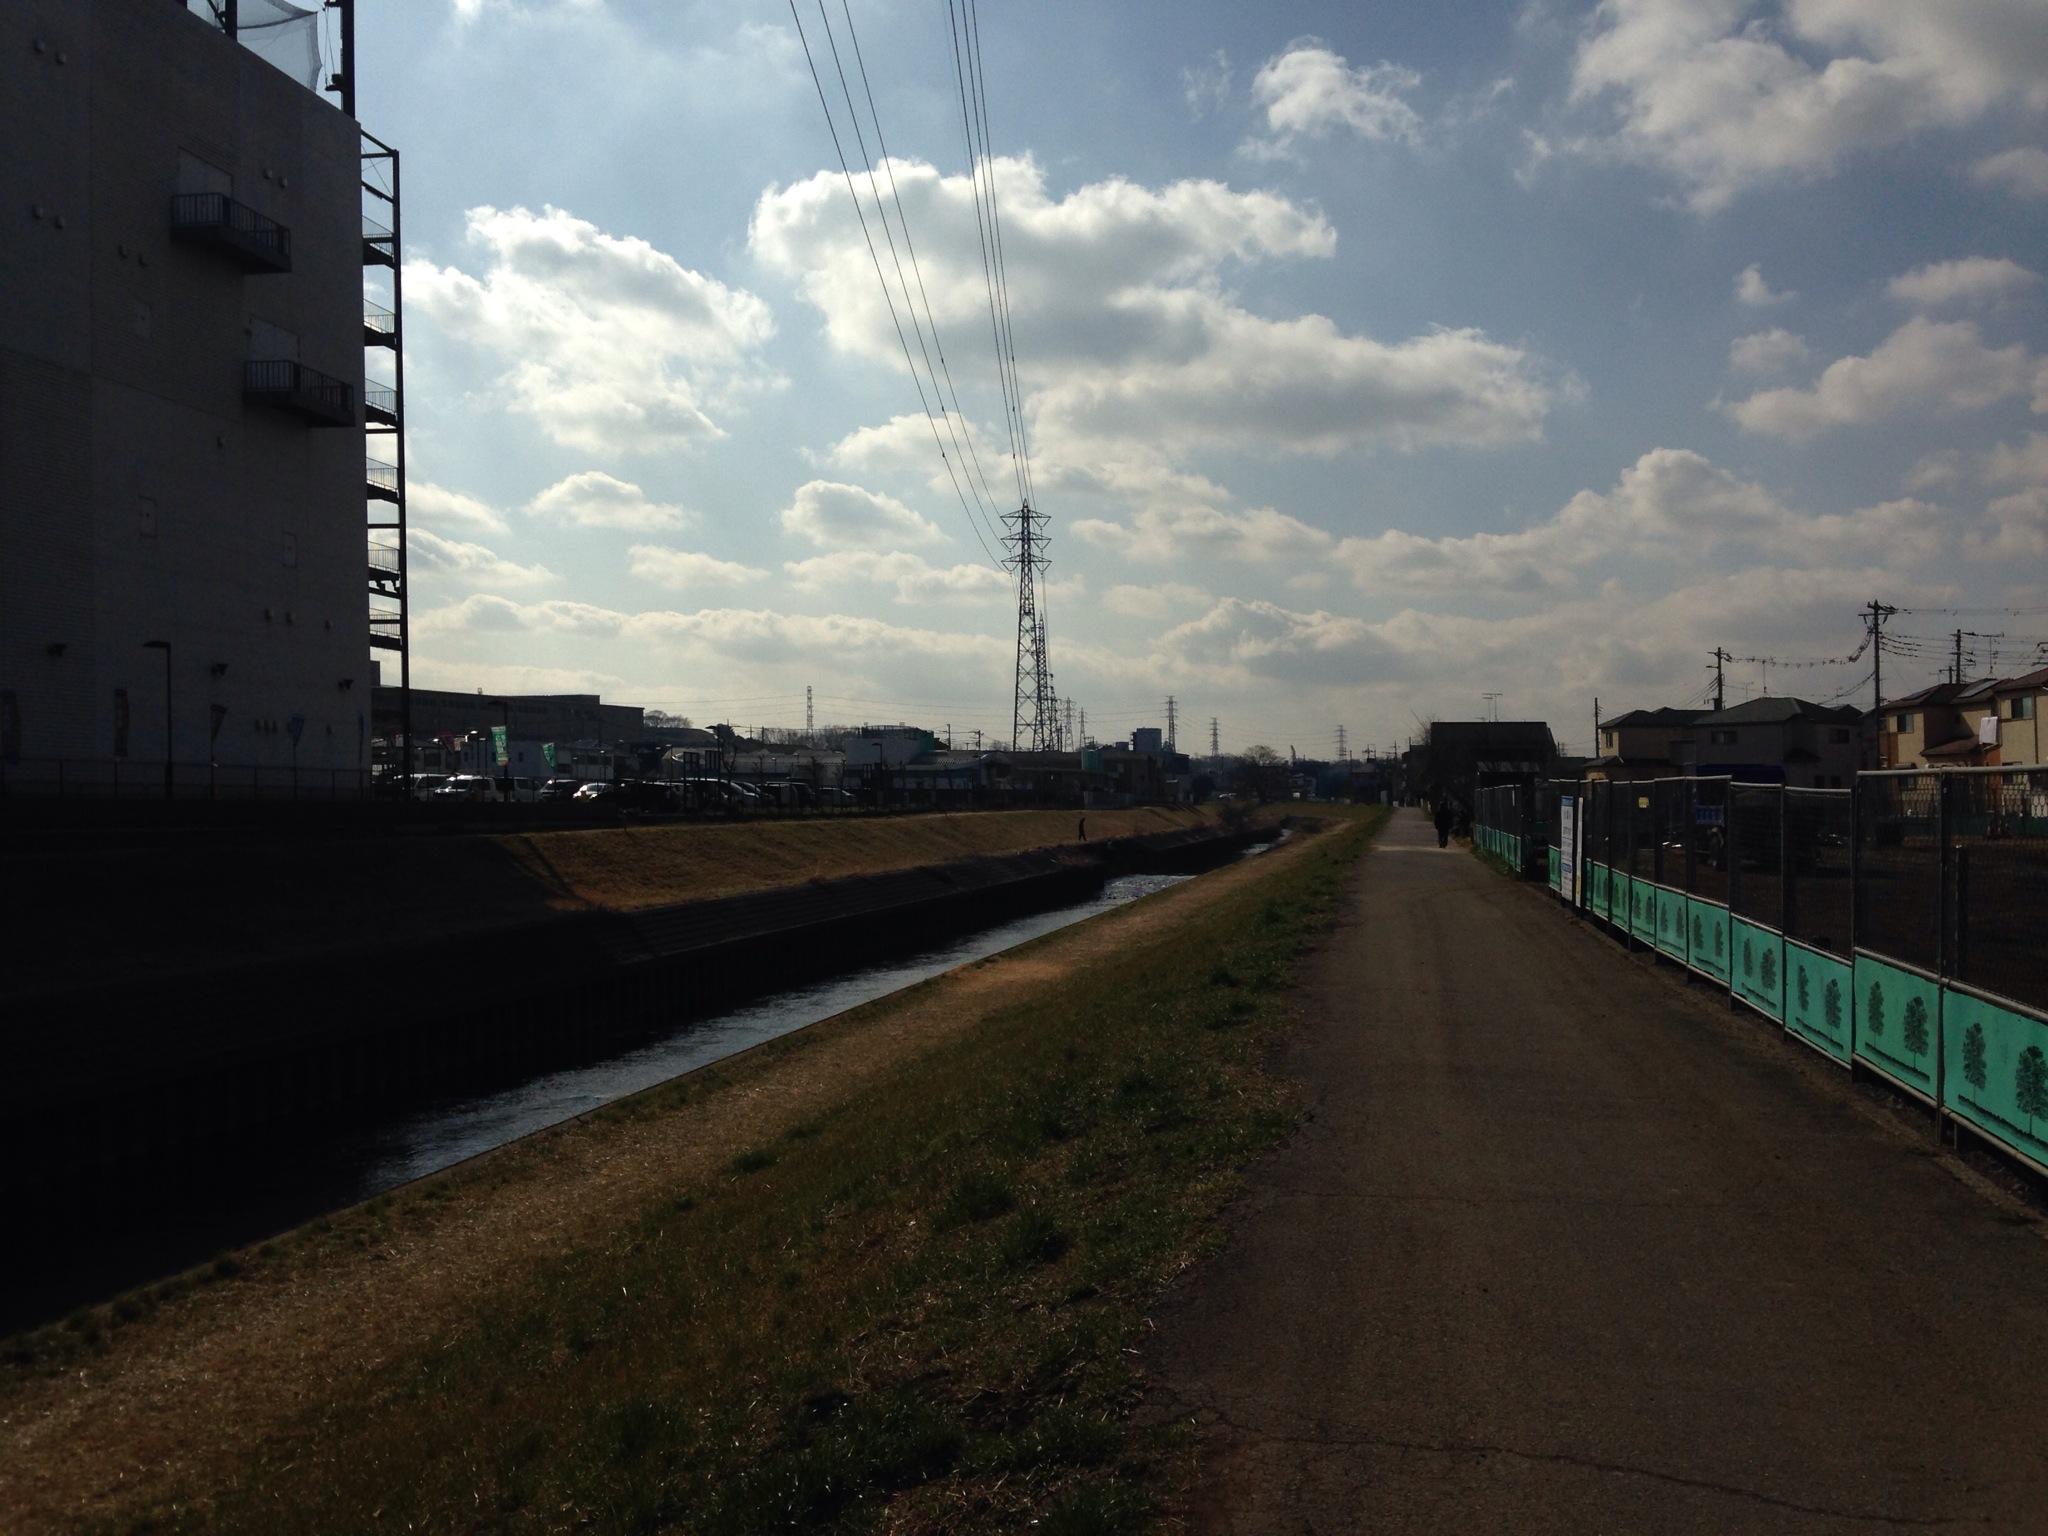 東京マラソン前日、30kmランに挑戦も失速・・・。サブ3.5達成のために、もう一度足元からテコ入れです!【横浜マラソンまで22日】